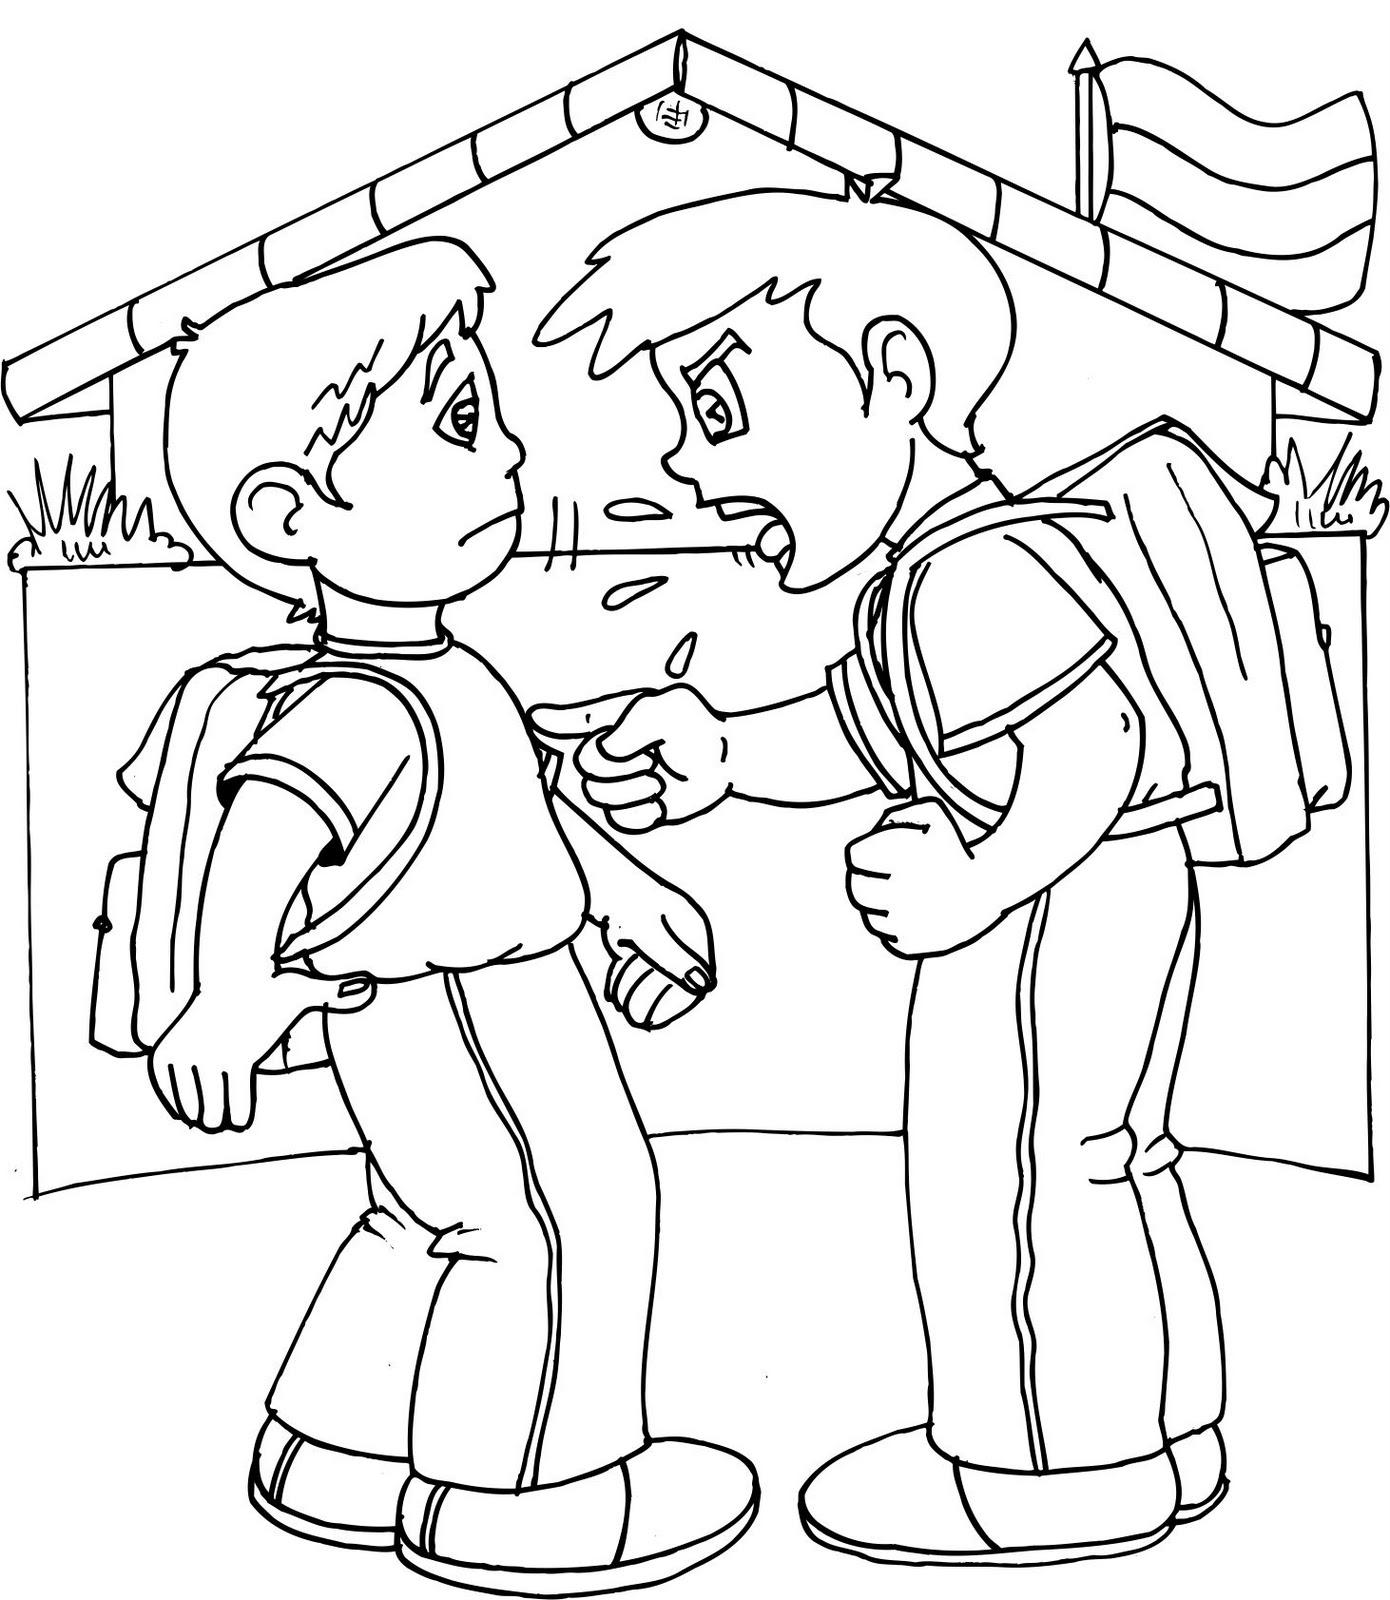 zas!: acoso escolar